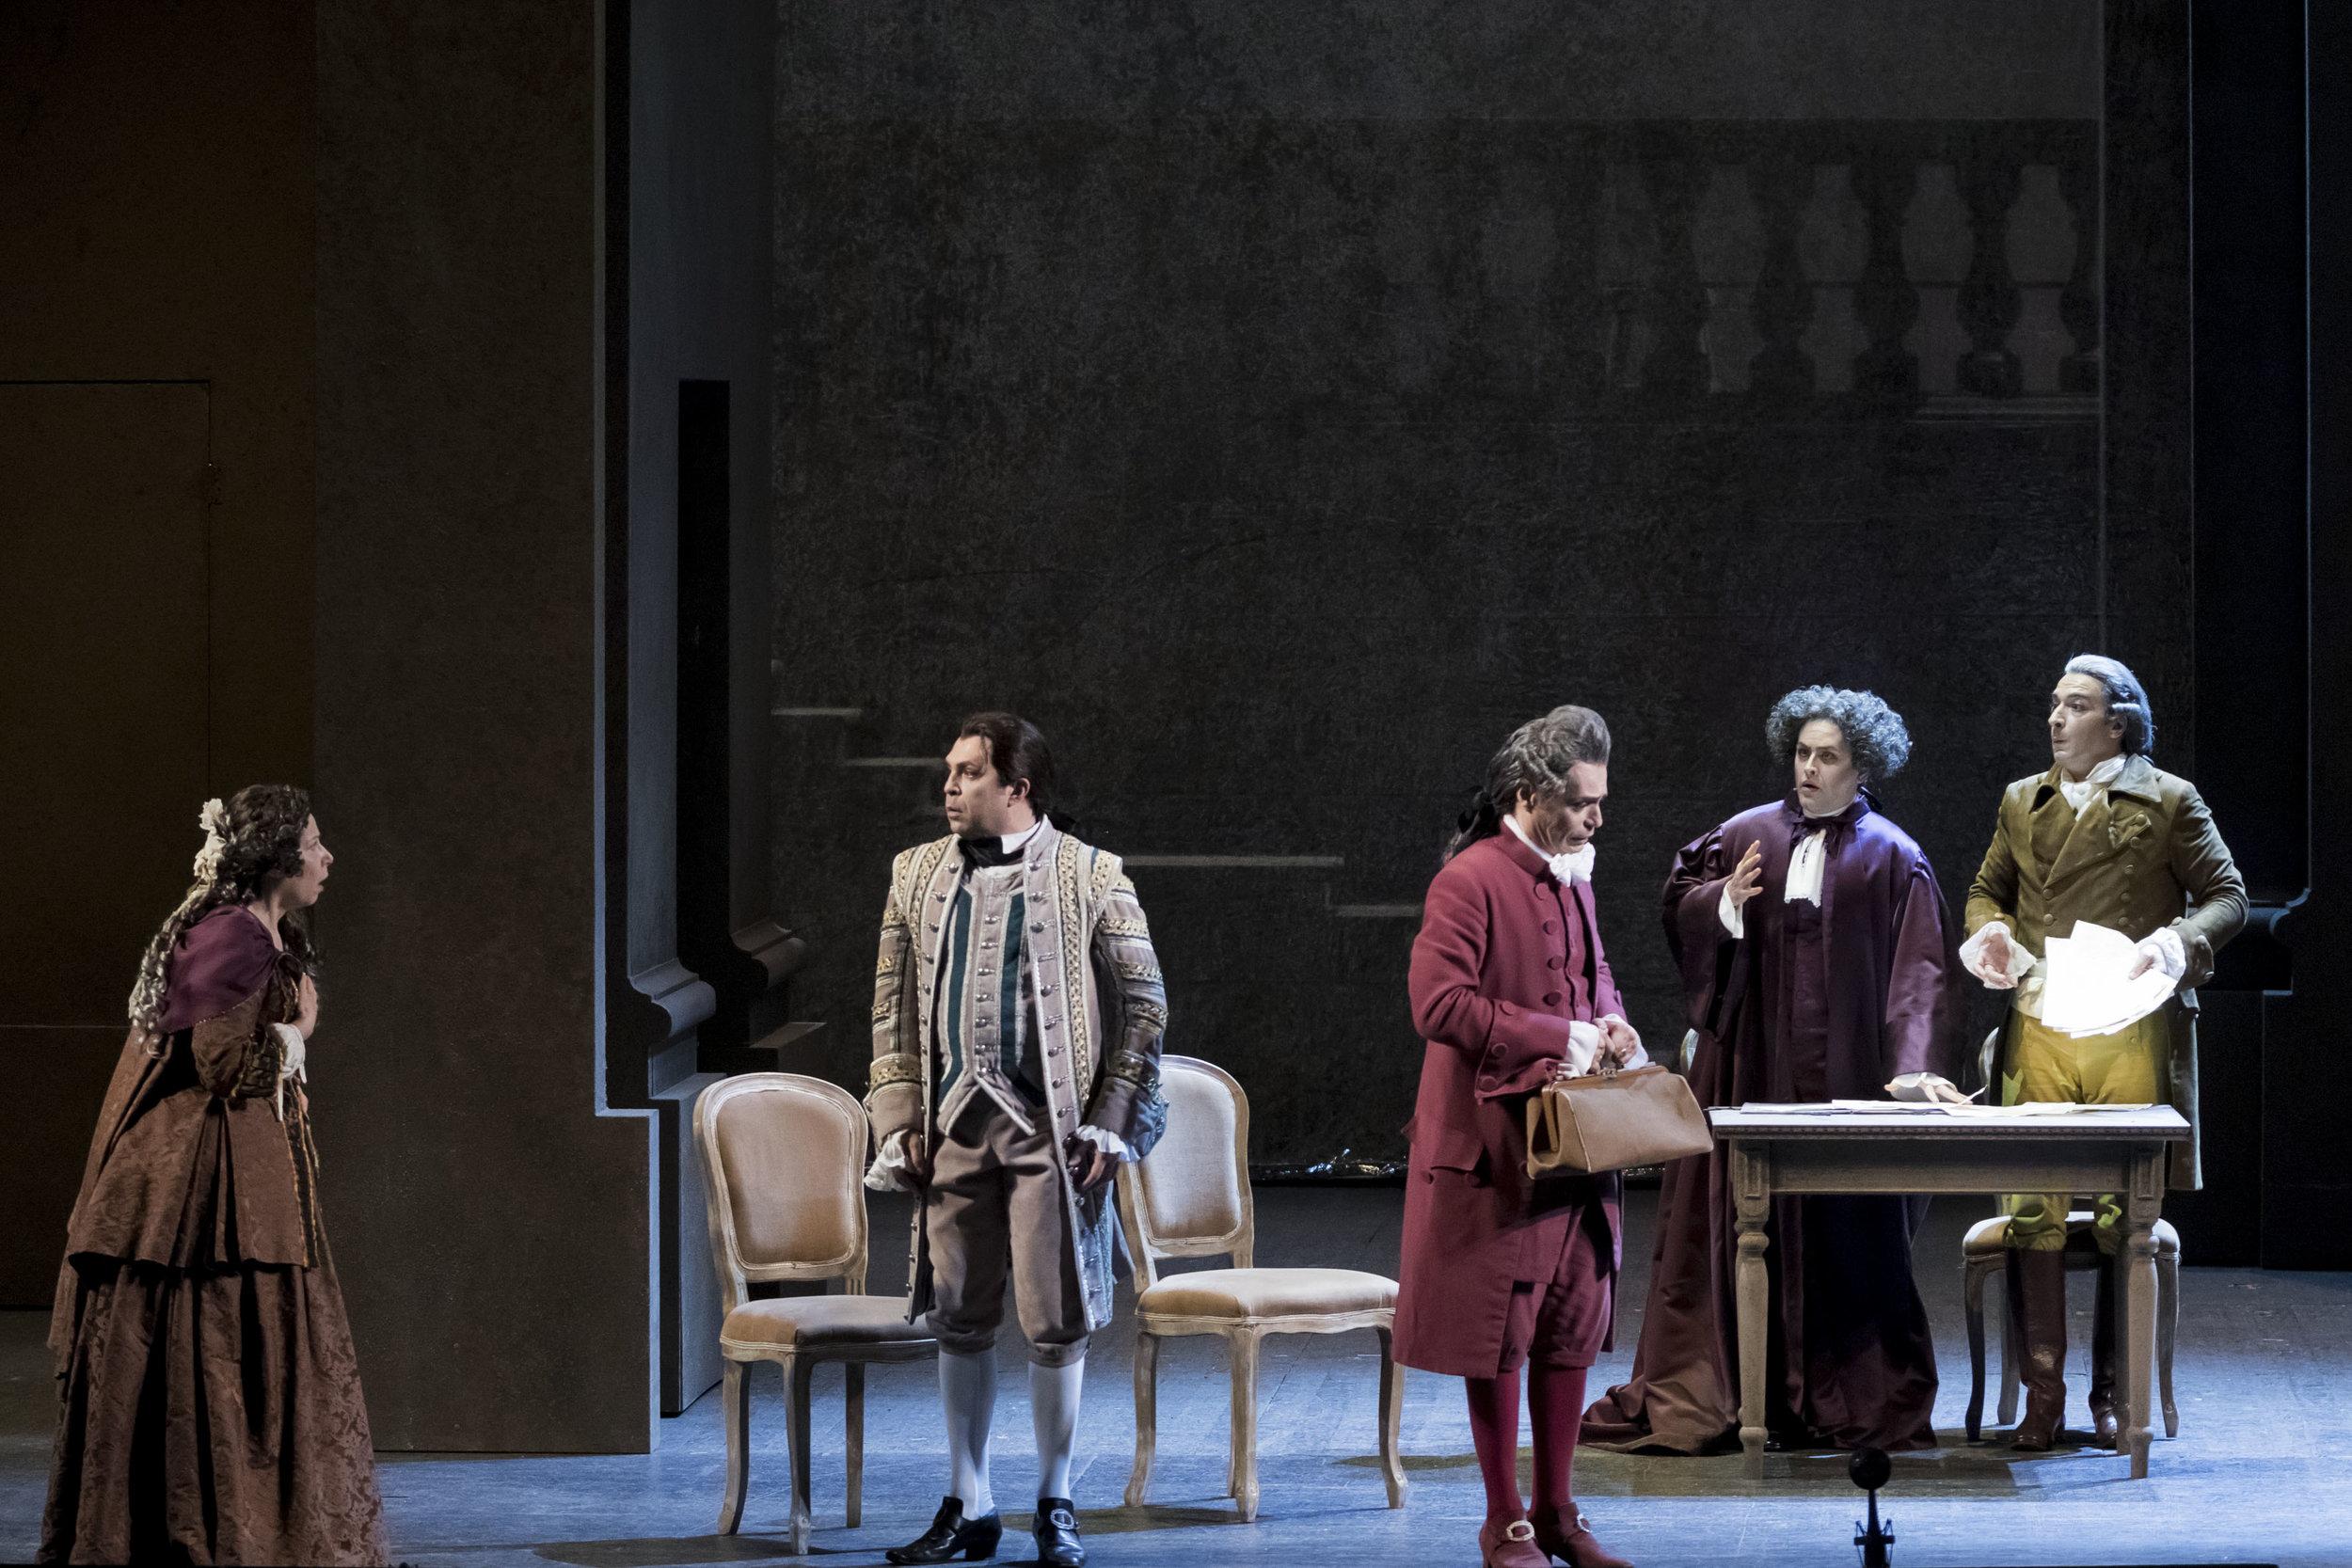 Don Curzio in  Le nozze di Figaro  with Teatro Regio Torino